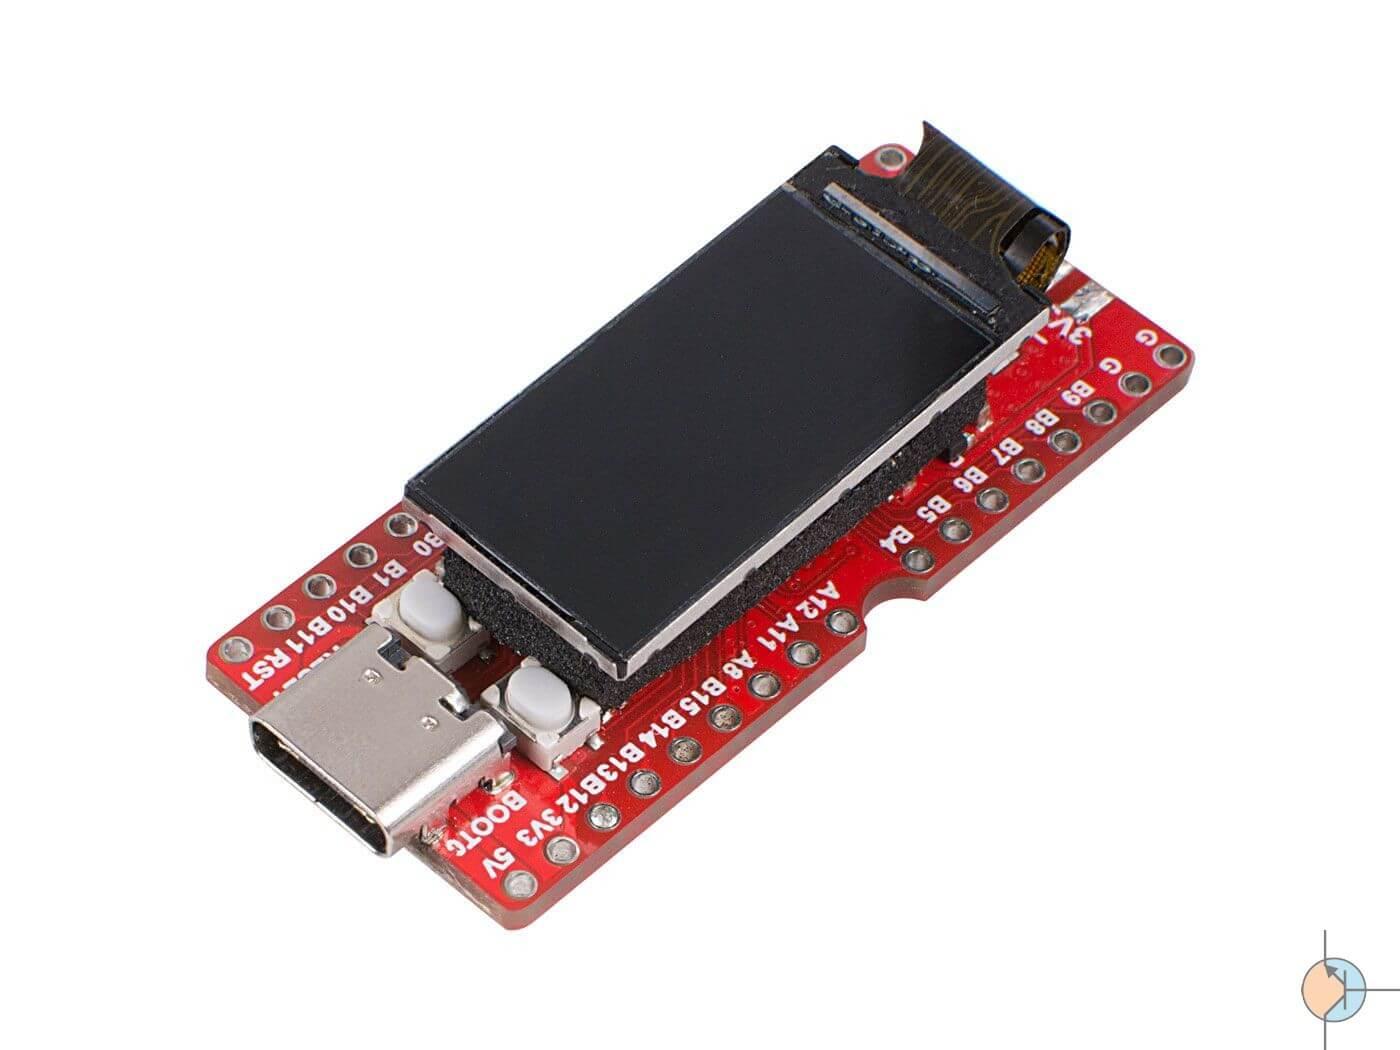 Płytka rozwojowa Longan Nano GD32V RISC-V z wyświetlaczem LCD